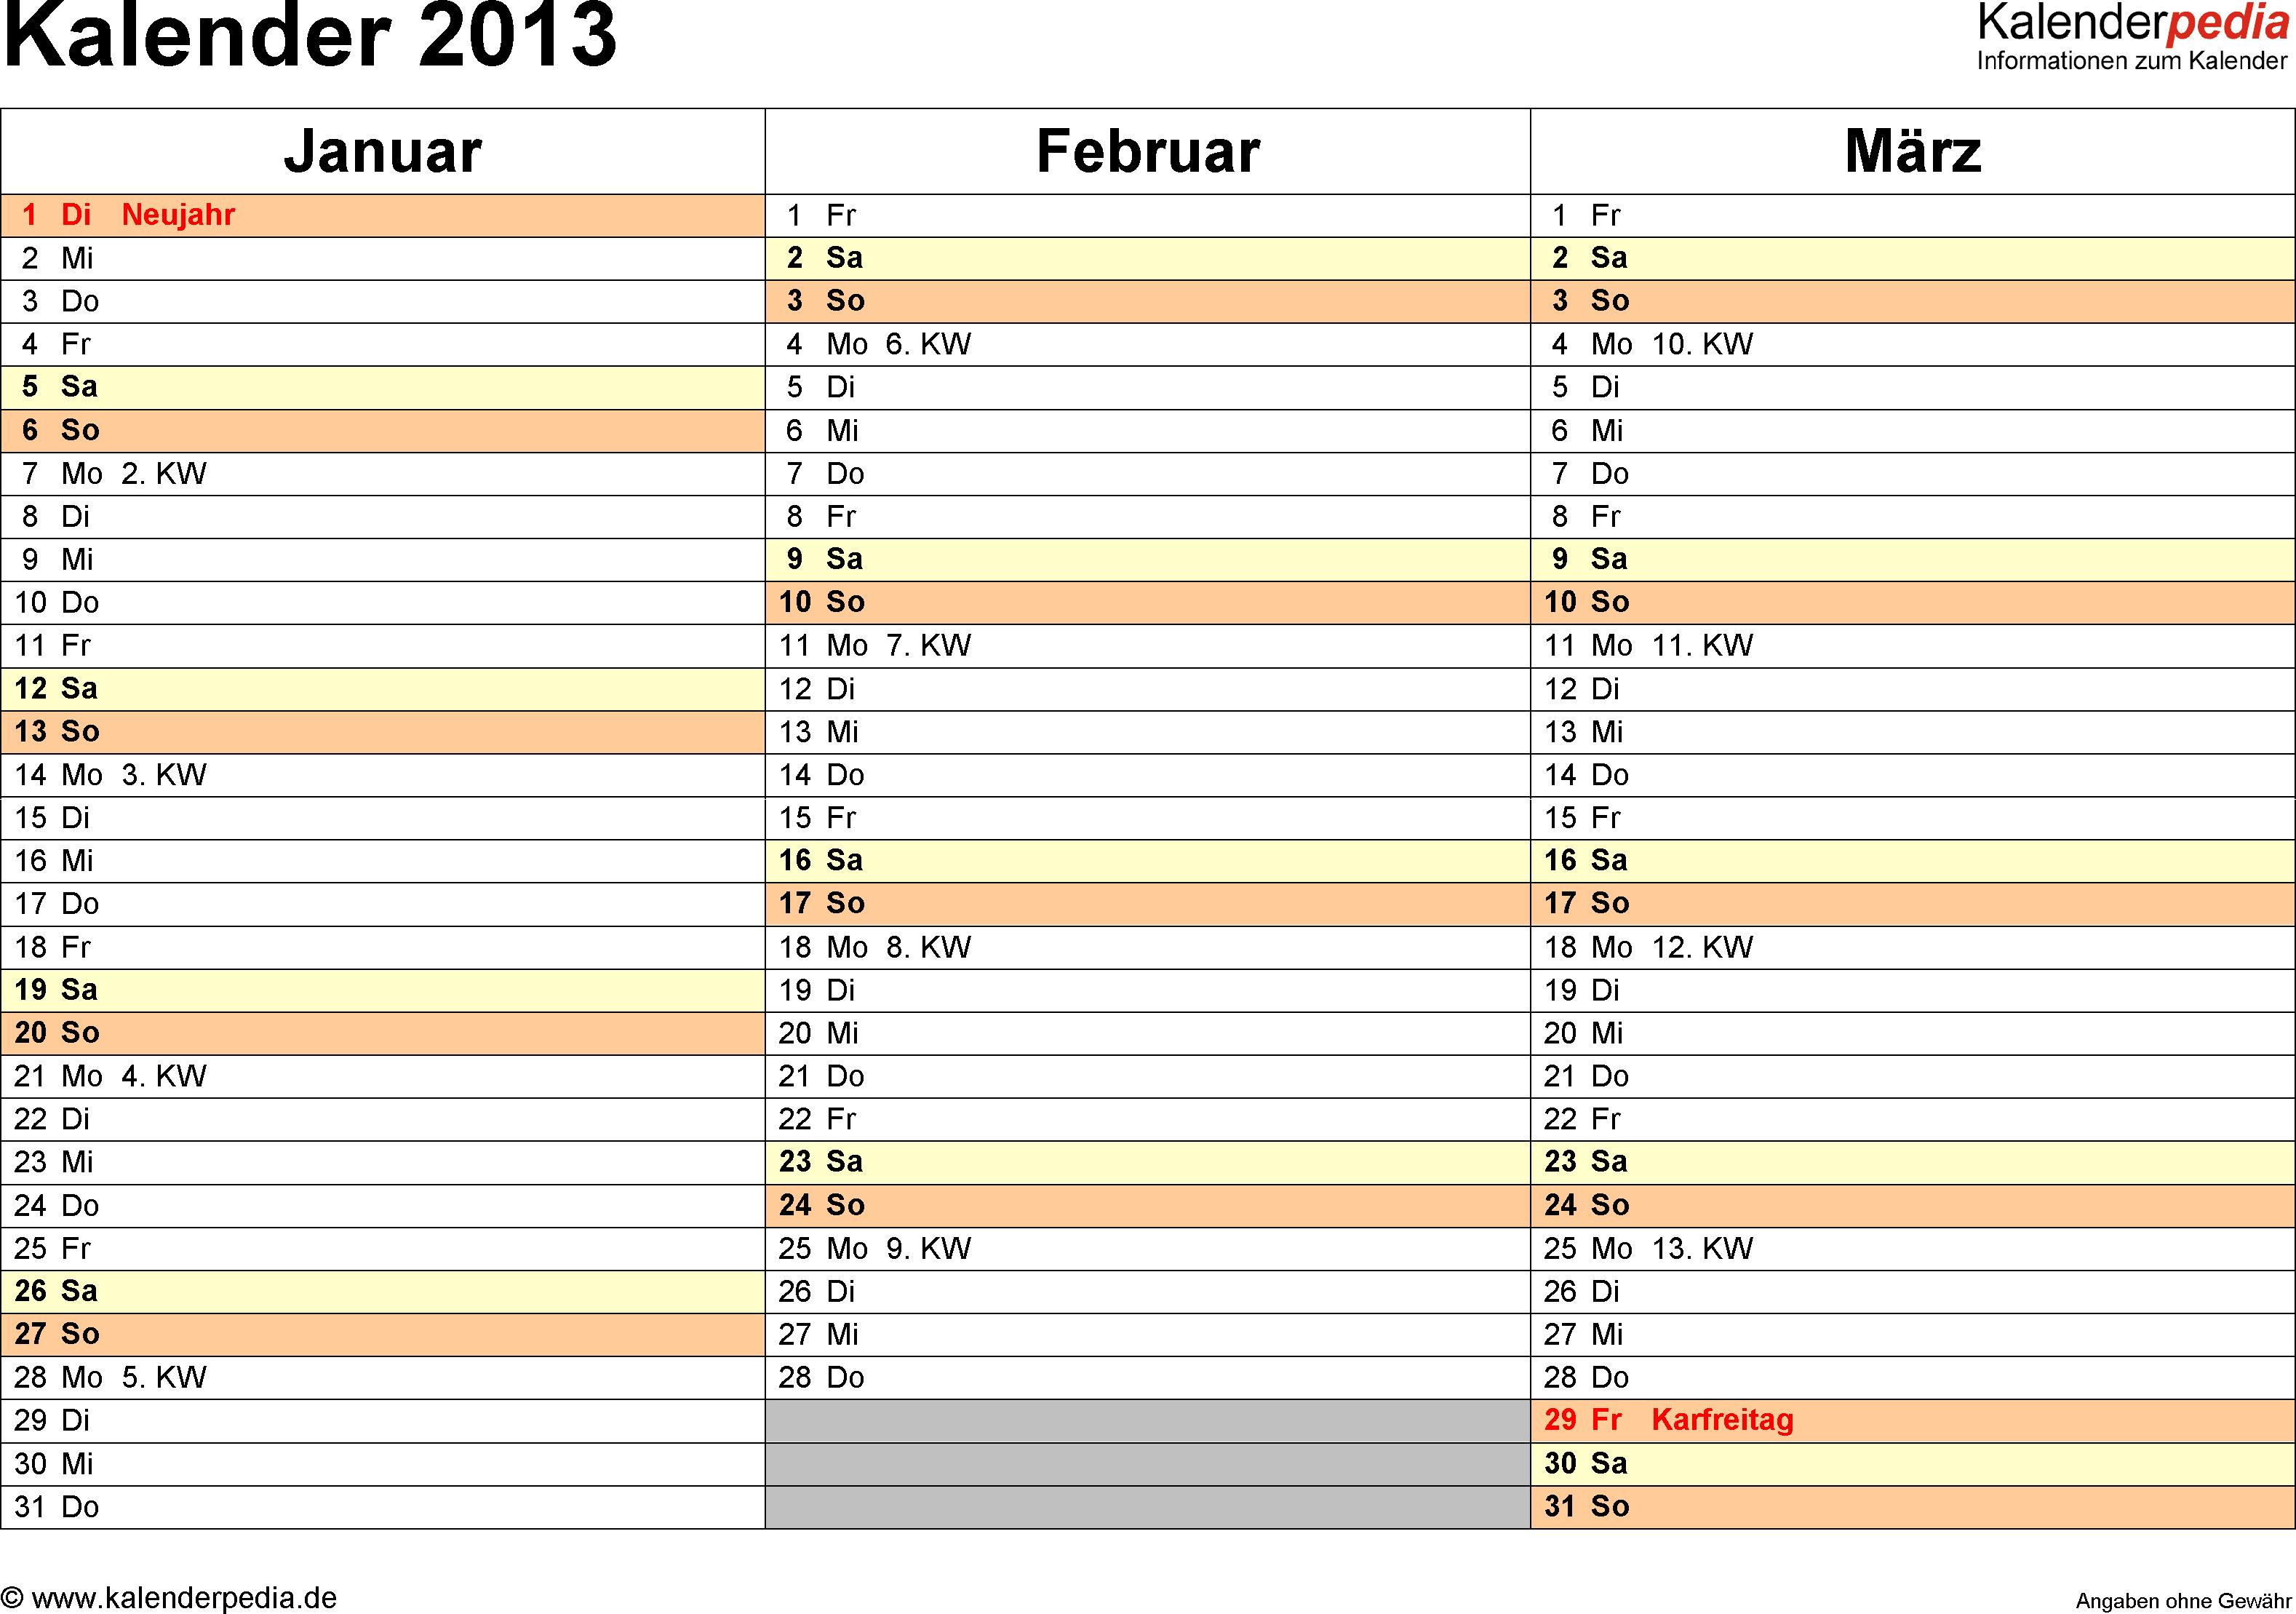 Vorlage 5: Jahreskalender 2013 als Word-Vorlage, Querformat, DIN A4, 4 Seiten, Quartal auf einer Seite, mit Feiertagen (ganz Deutschland) und Kalenderwochen